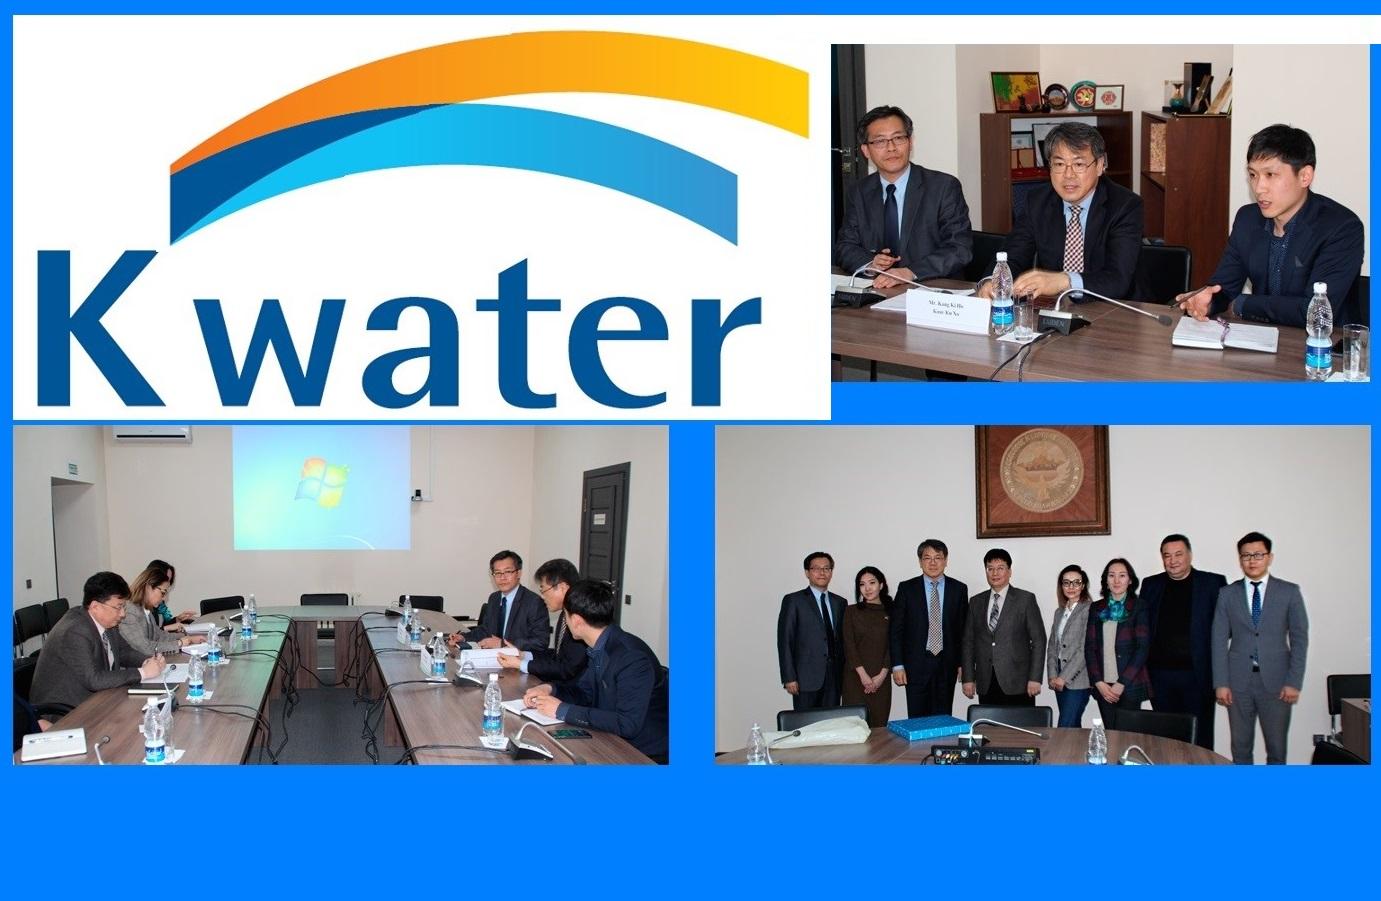 Весеннее рандеву представителей K-water с руководством Национального института стратегических исследований КР в Бишкеке.